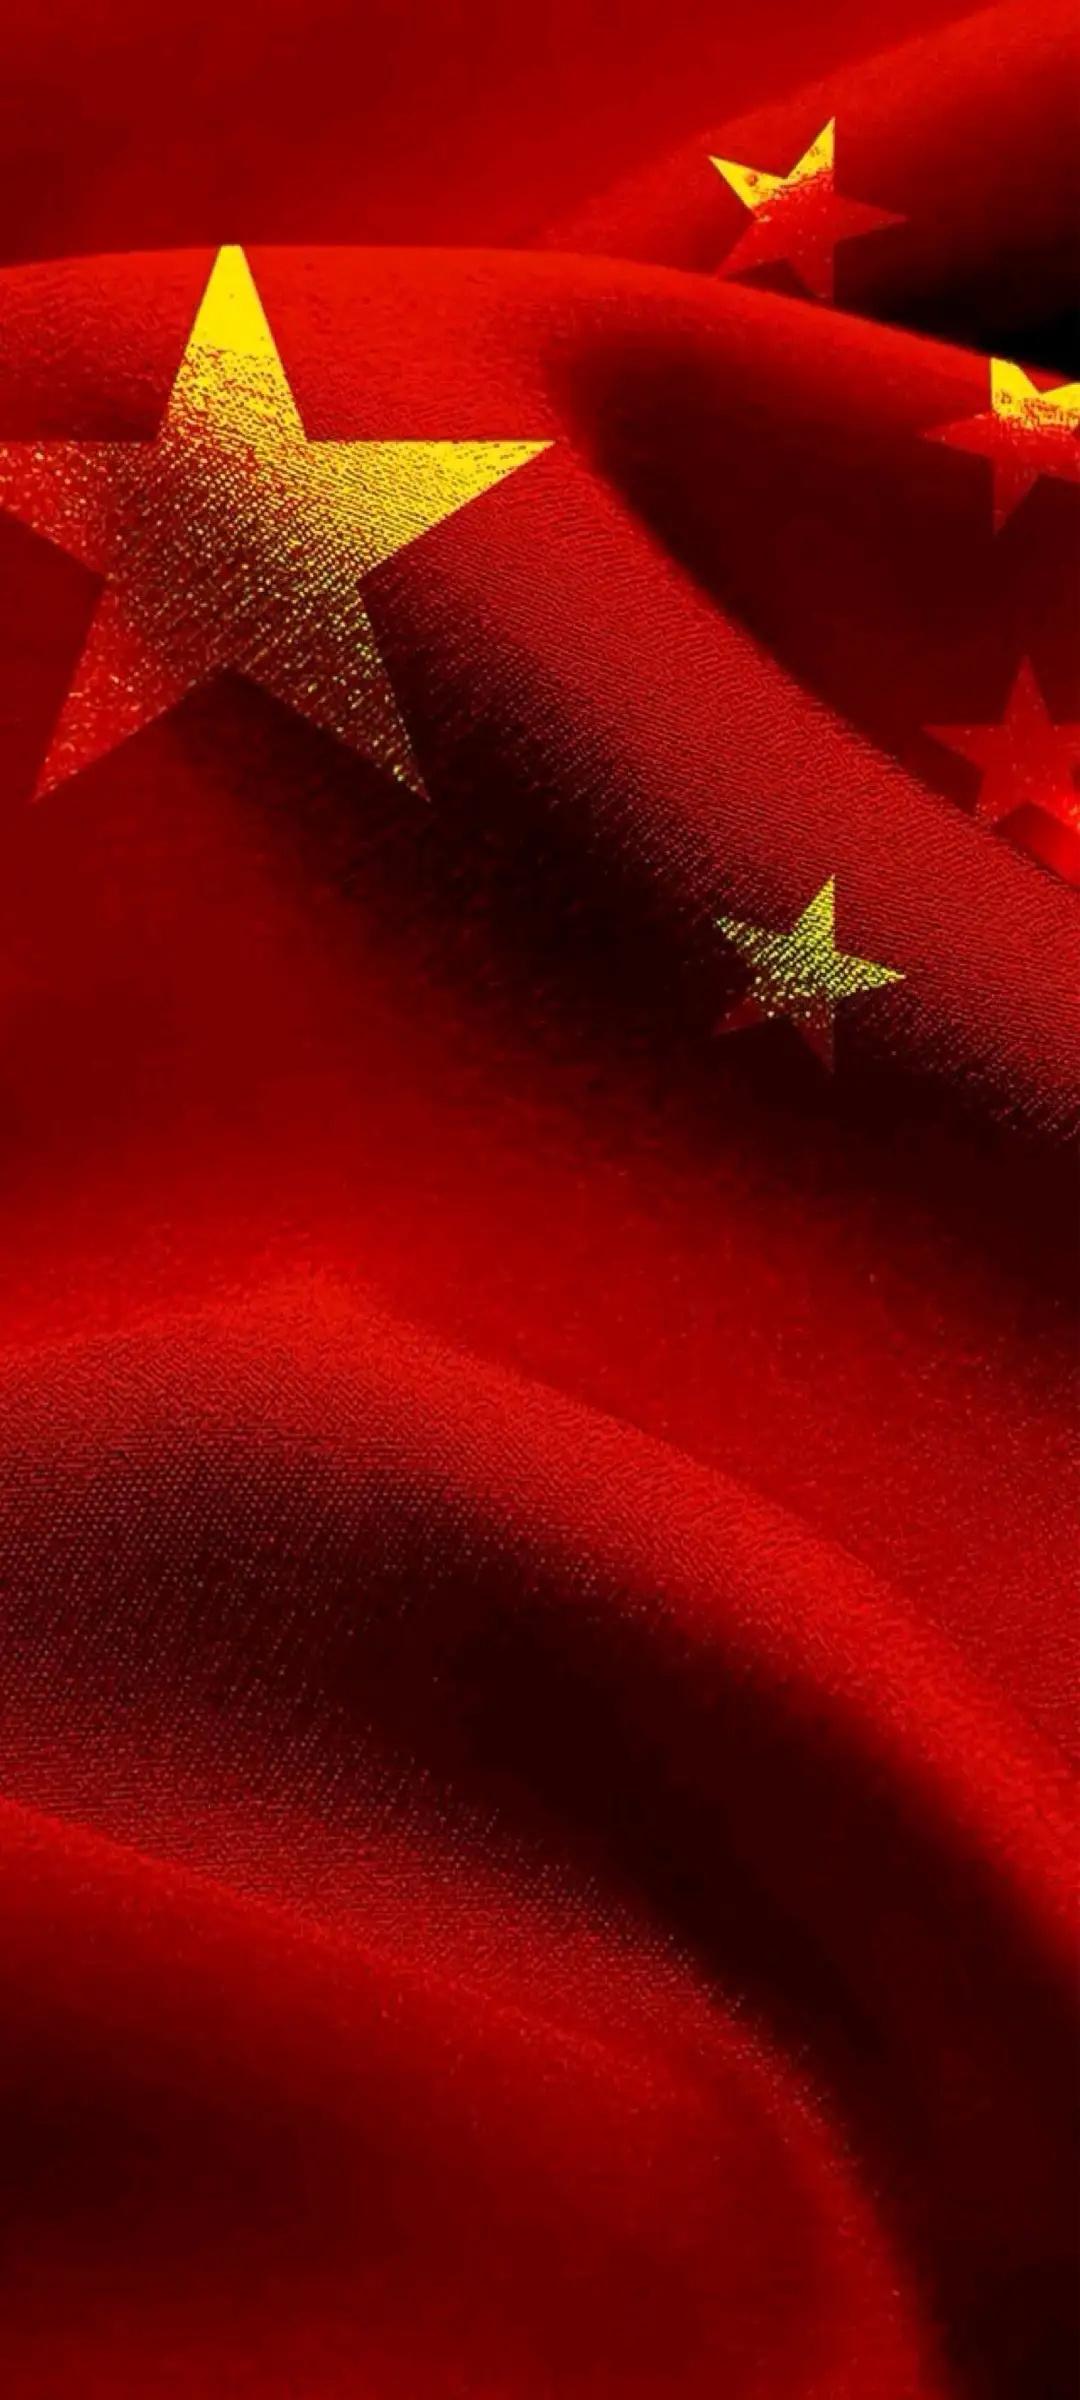 2021国庆节祝福语精选72条 适合发朋友圈的国庆节图片 liuliushe.net六六社 第9张